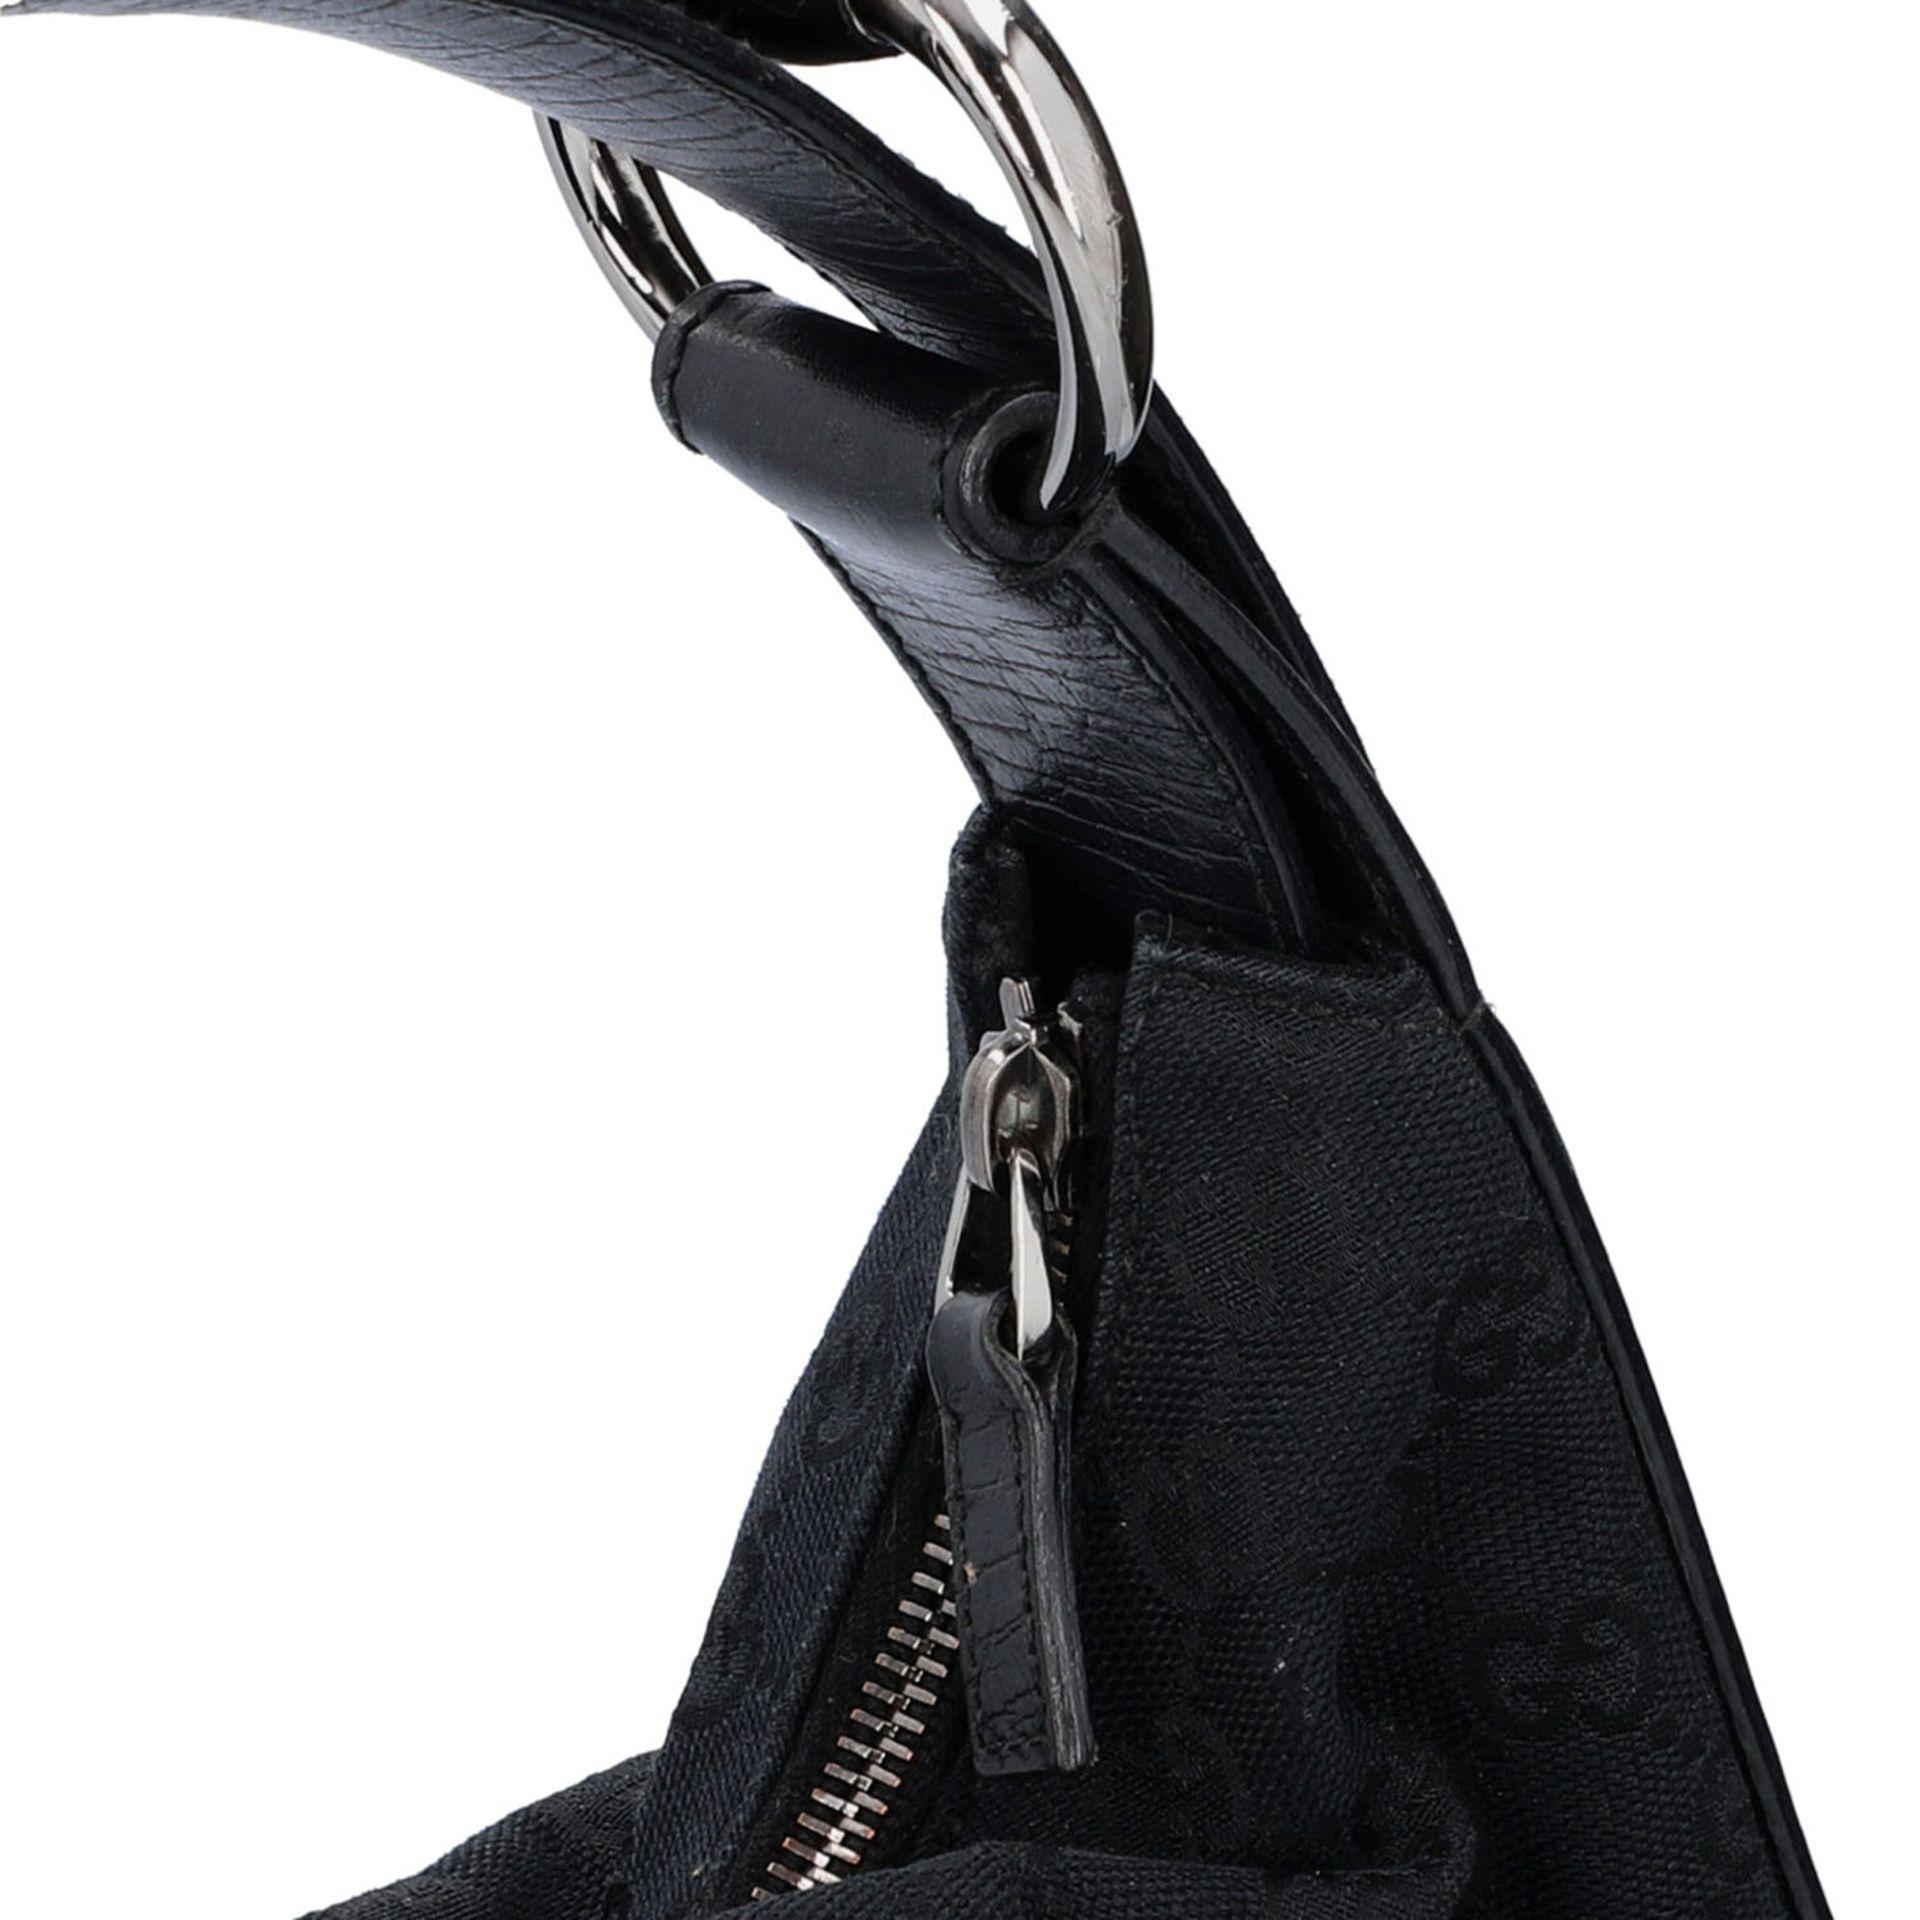 GUCCI Handtasche. Guccissima Design auf schwarzem Textil mit silberfarbener Hardware, - Image 8 of 8